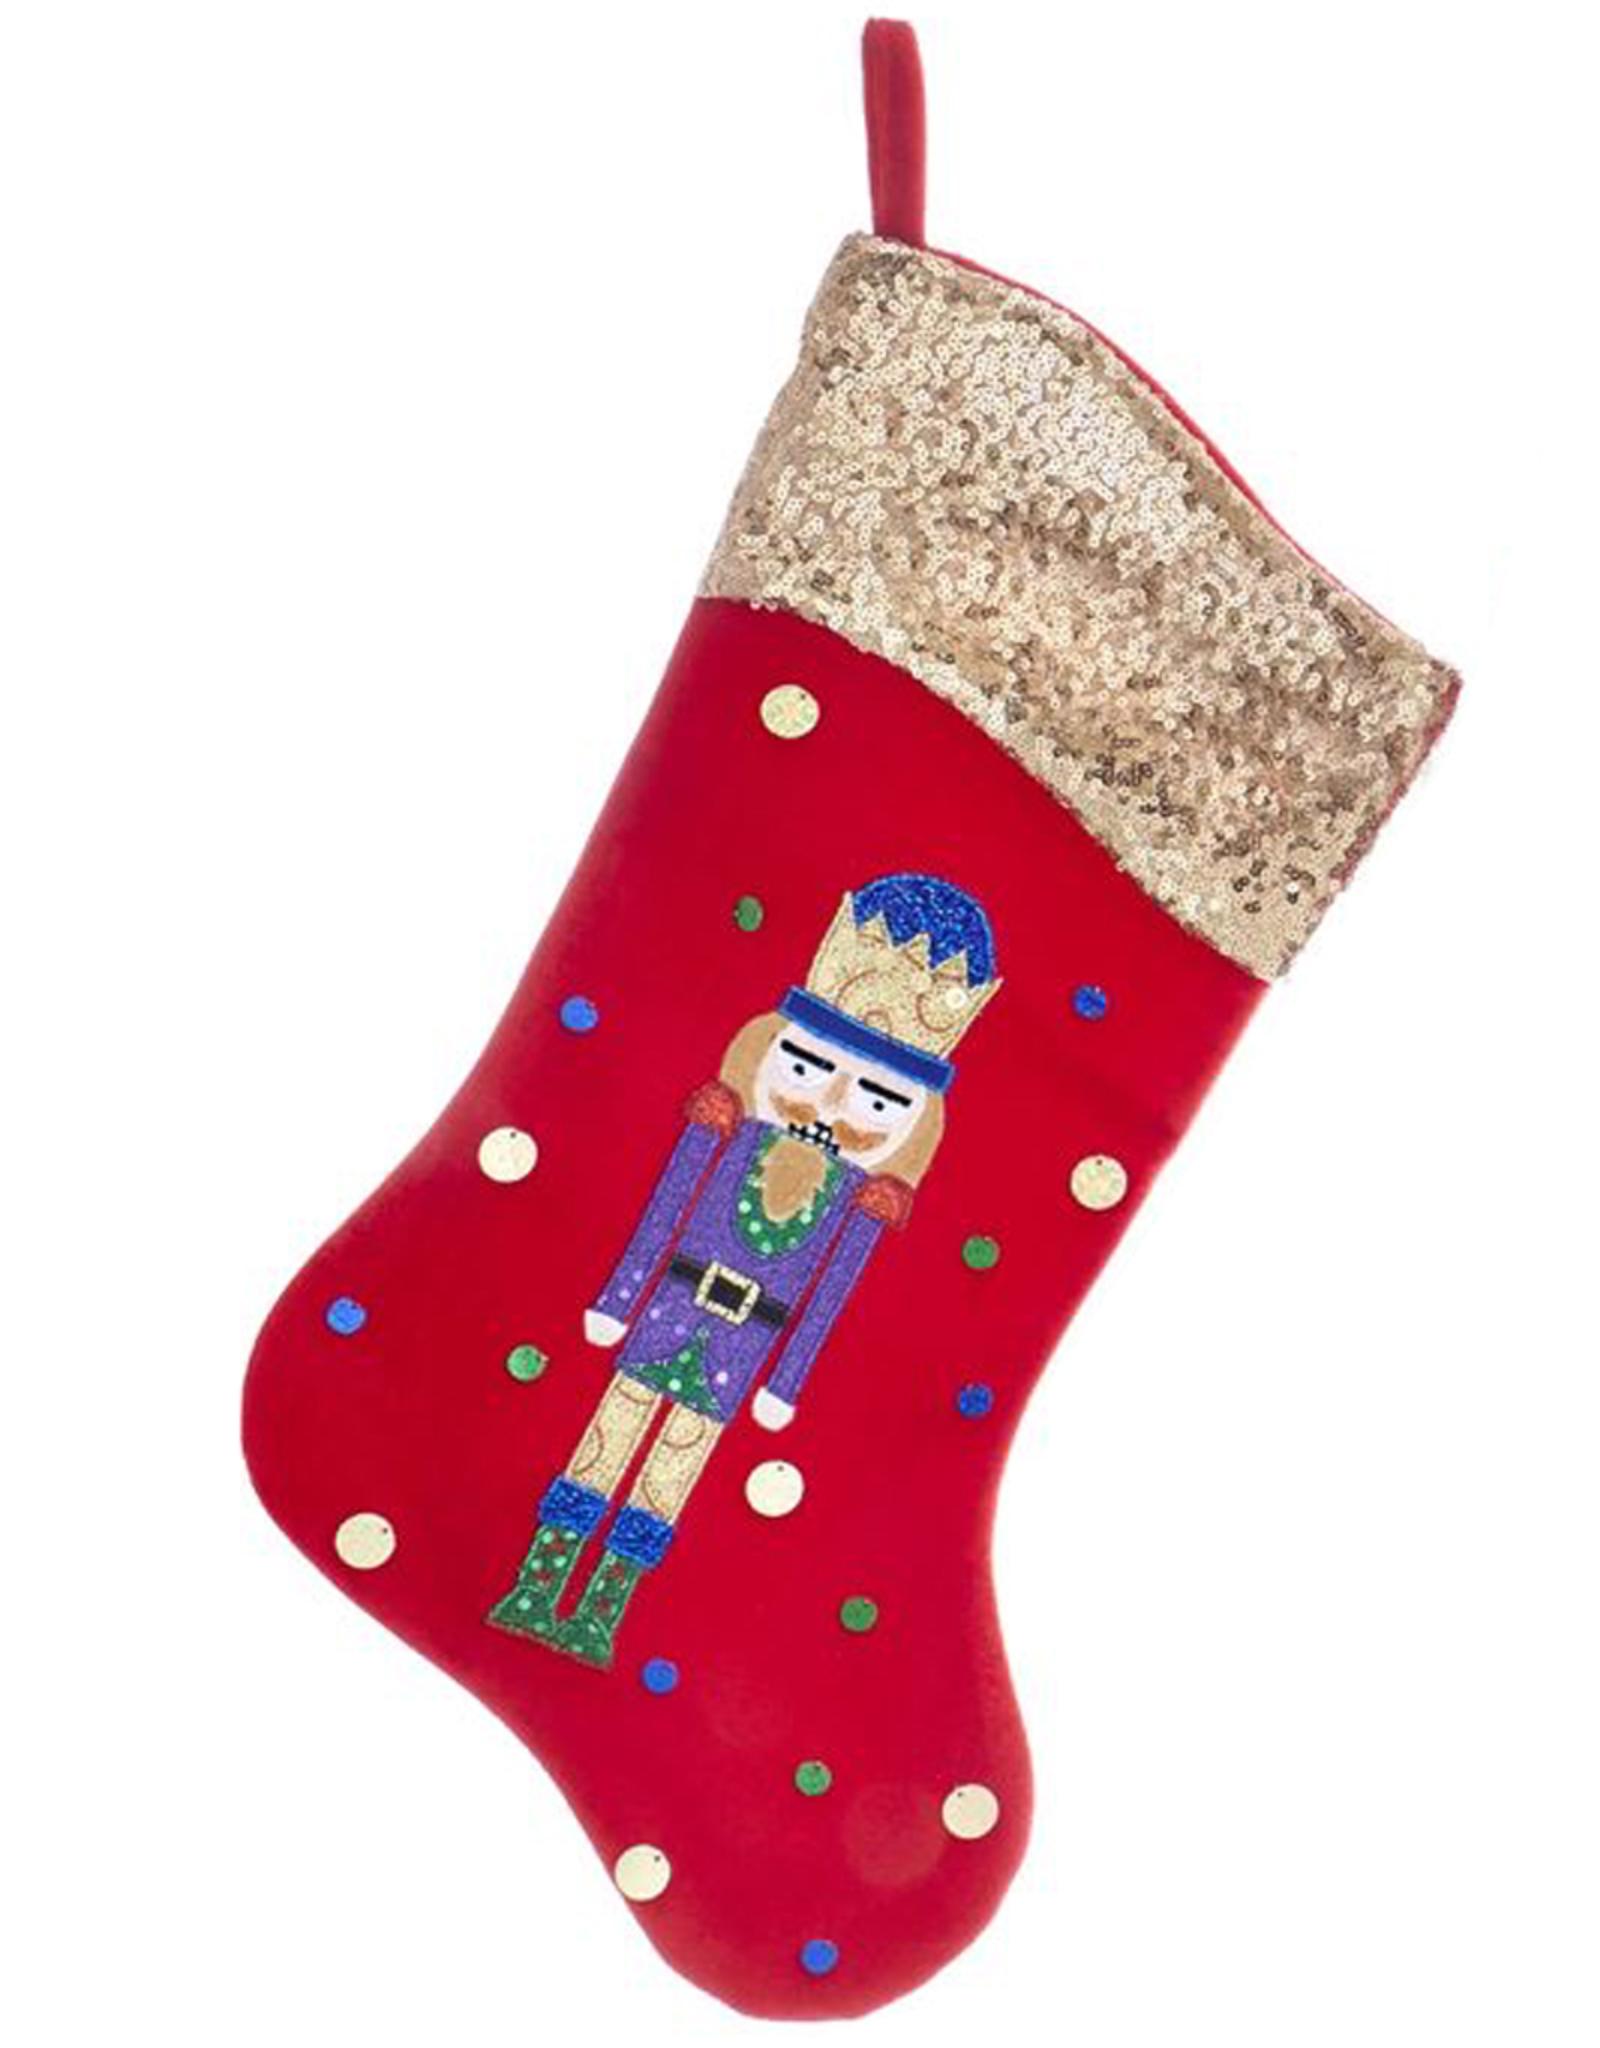 Kurt Adler Red Velvet w Sequin Cuff Nutcracker Christmas Stocking Gold